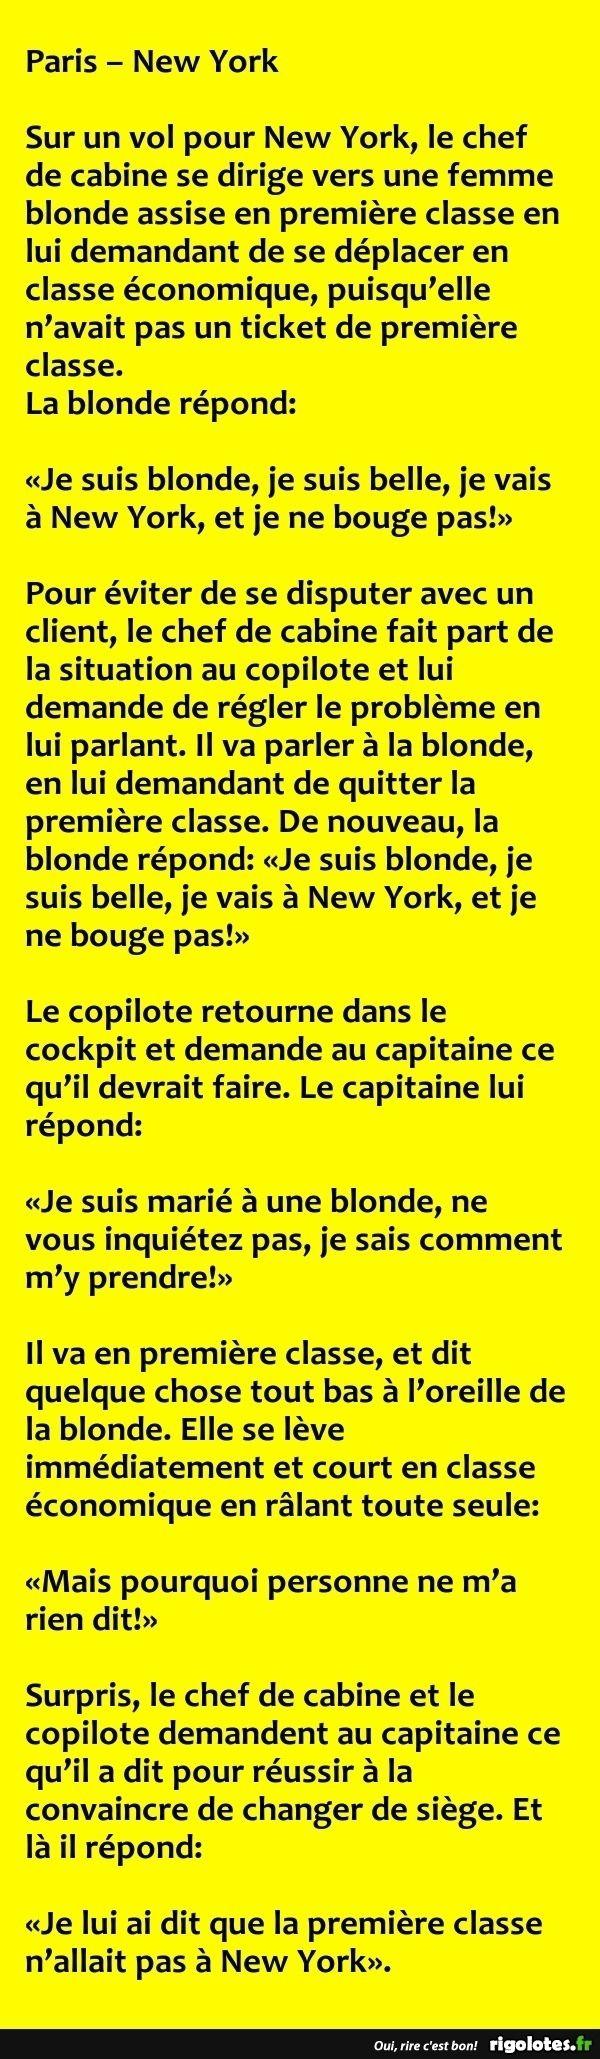 Paris ? New York - RIGOLOTES.fr